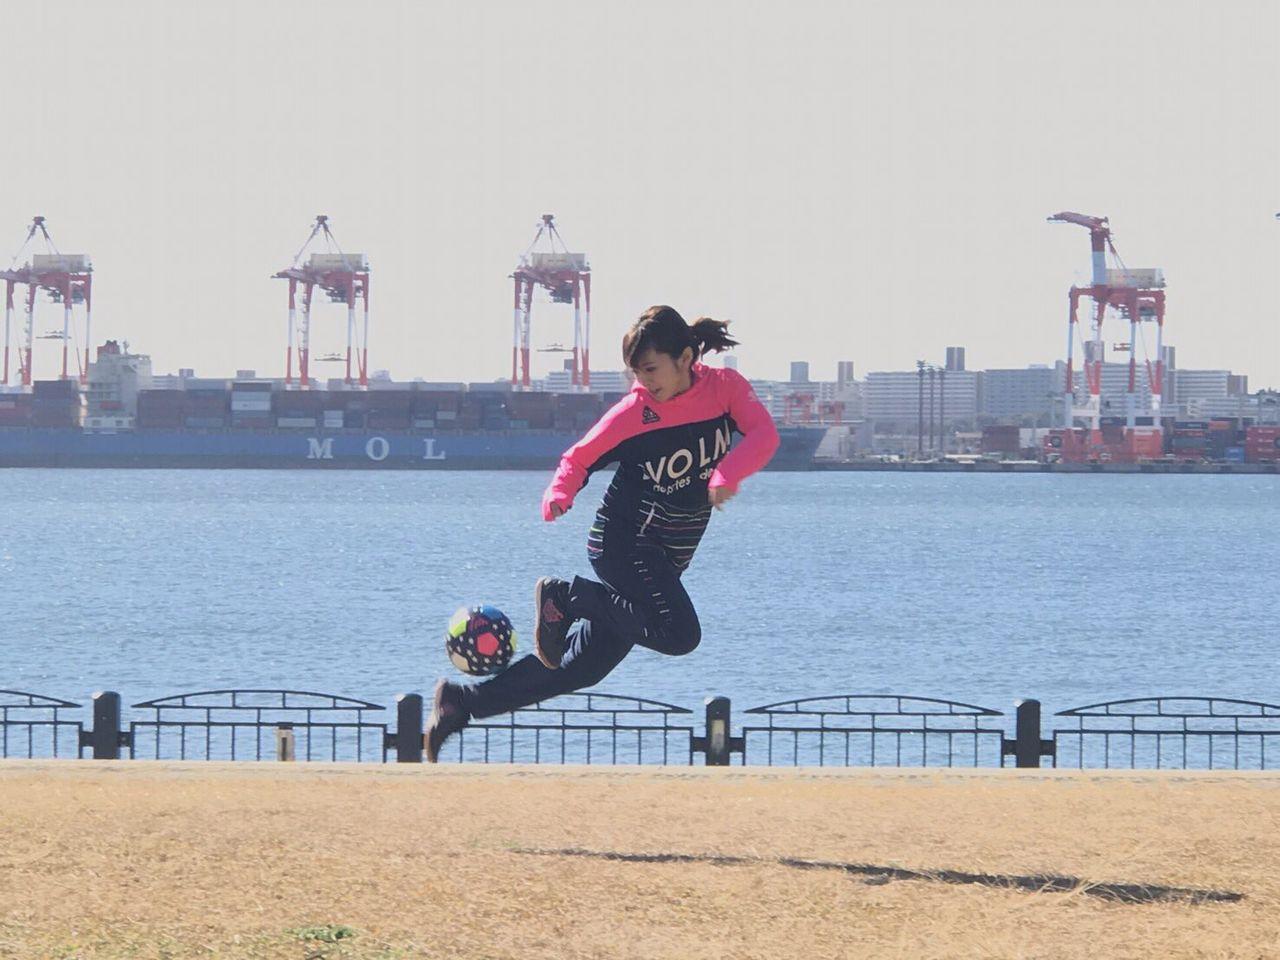 NMB48磯佳奈江のヒールリフト写真カッコよすぎワロタwwwwwwwwwww